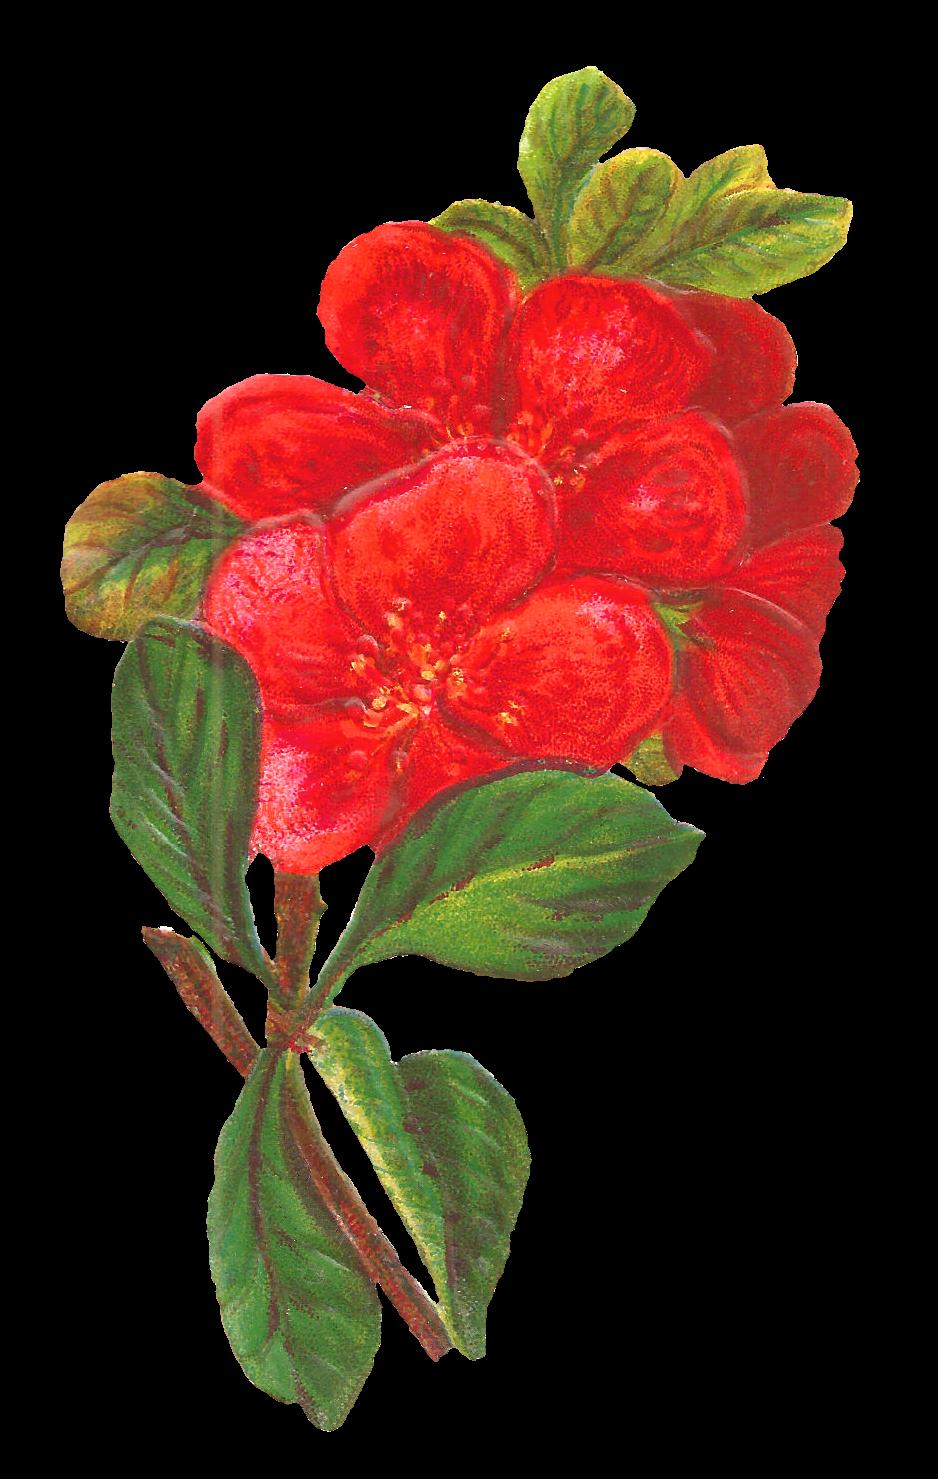 Antique images botanical art digital red flower download for Art flowers